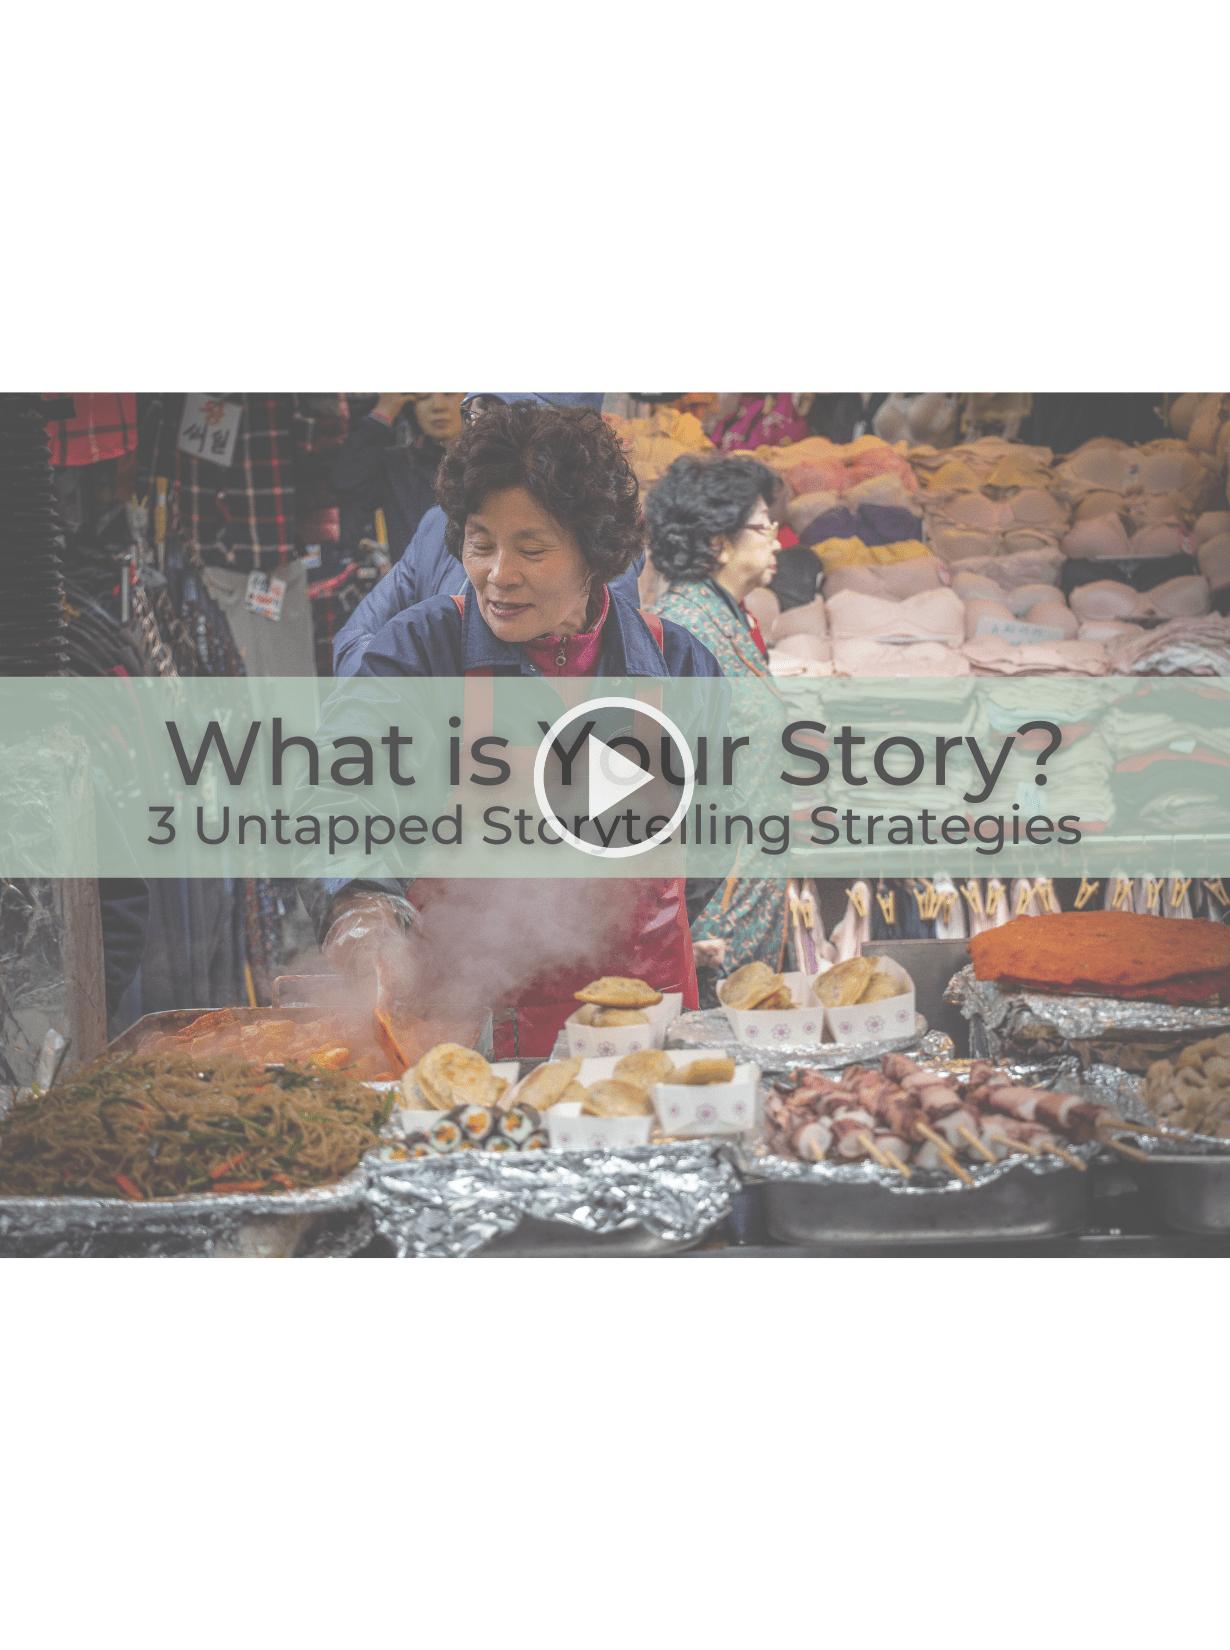 storytelling strategies workshop